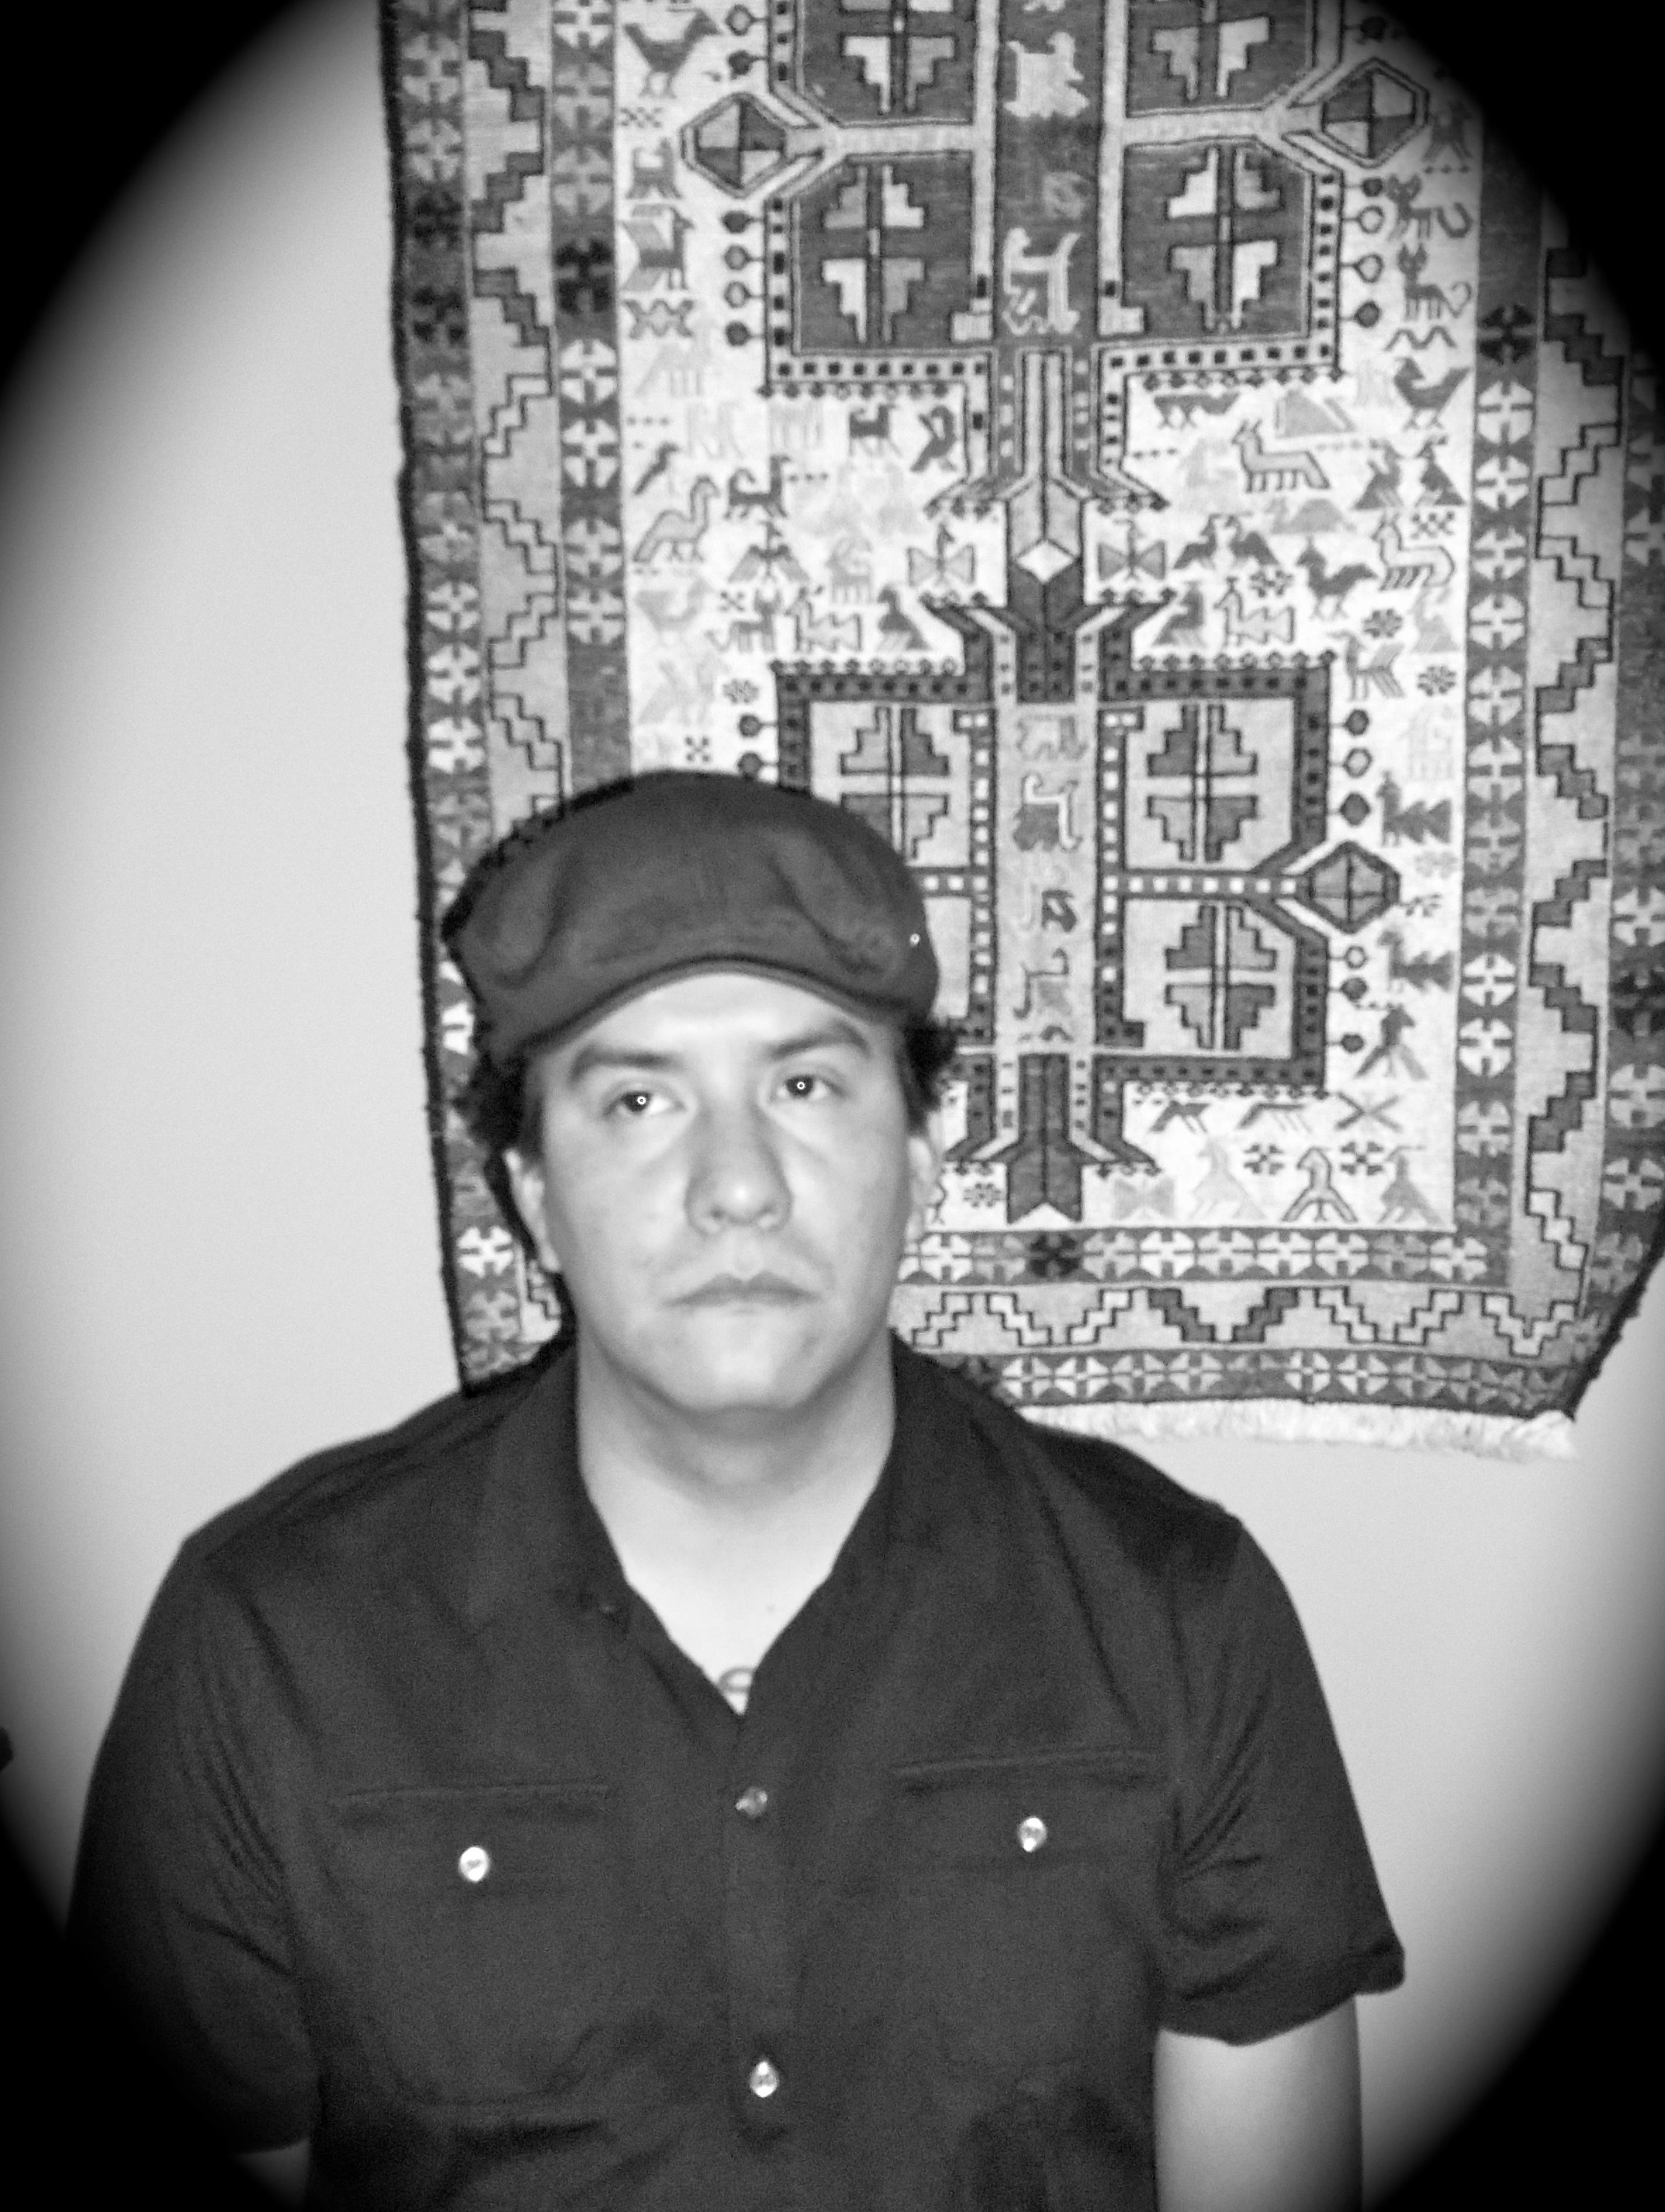 Hamza name wallpapers 2012 gmc - cap snaffler pictures